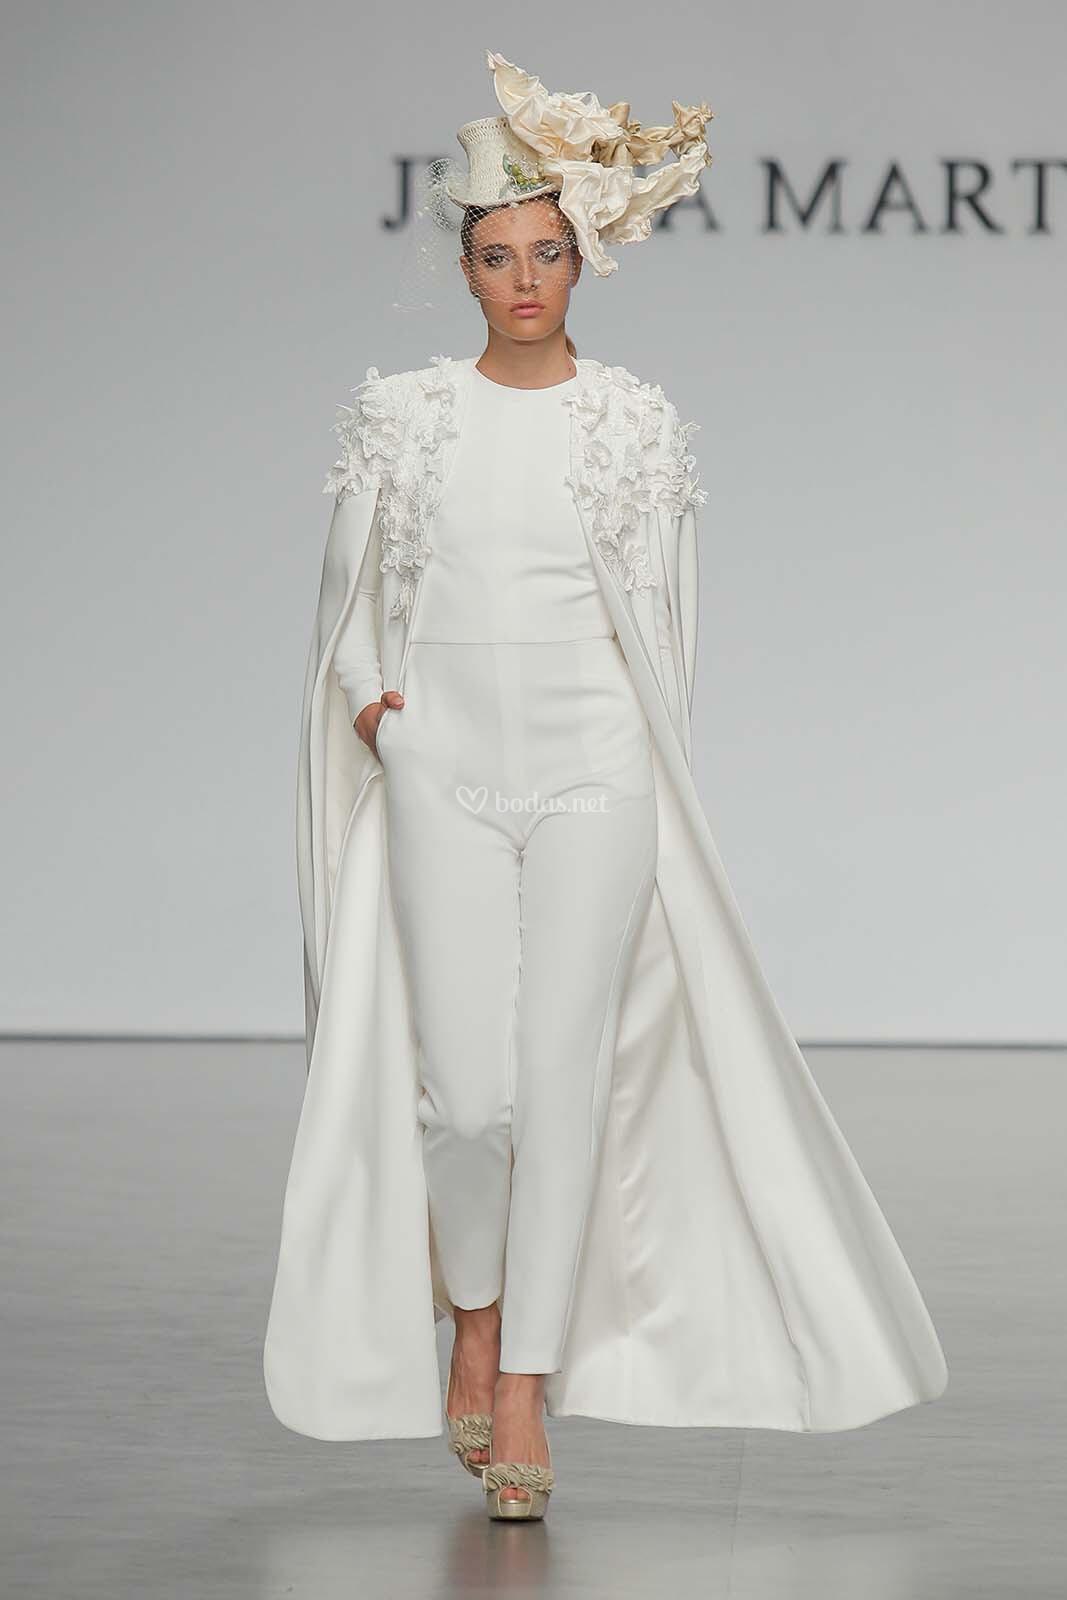 Vestidos de novia juana martin